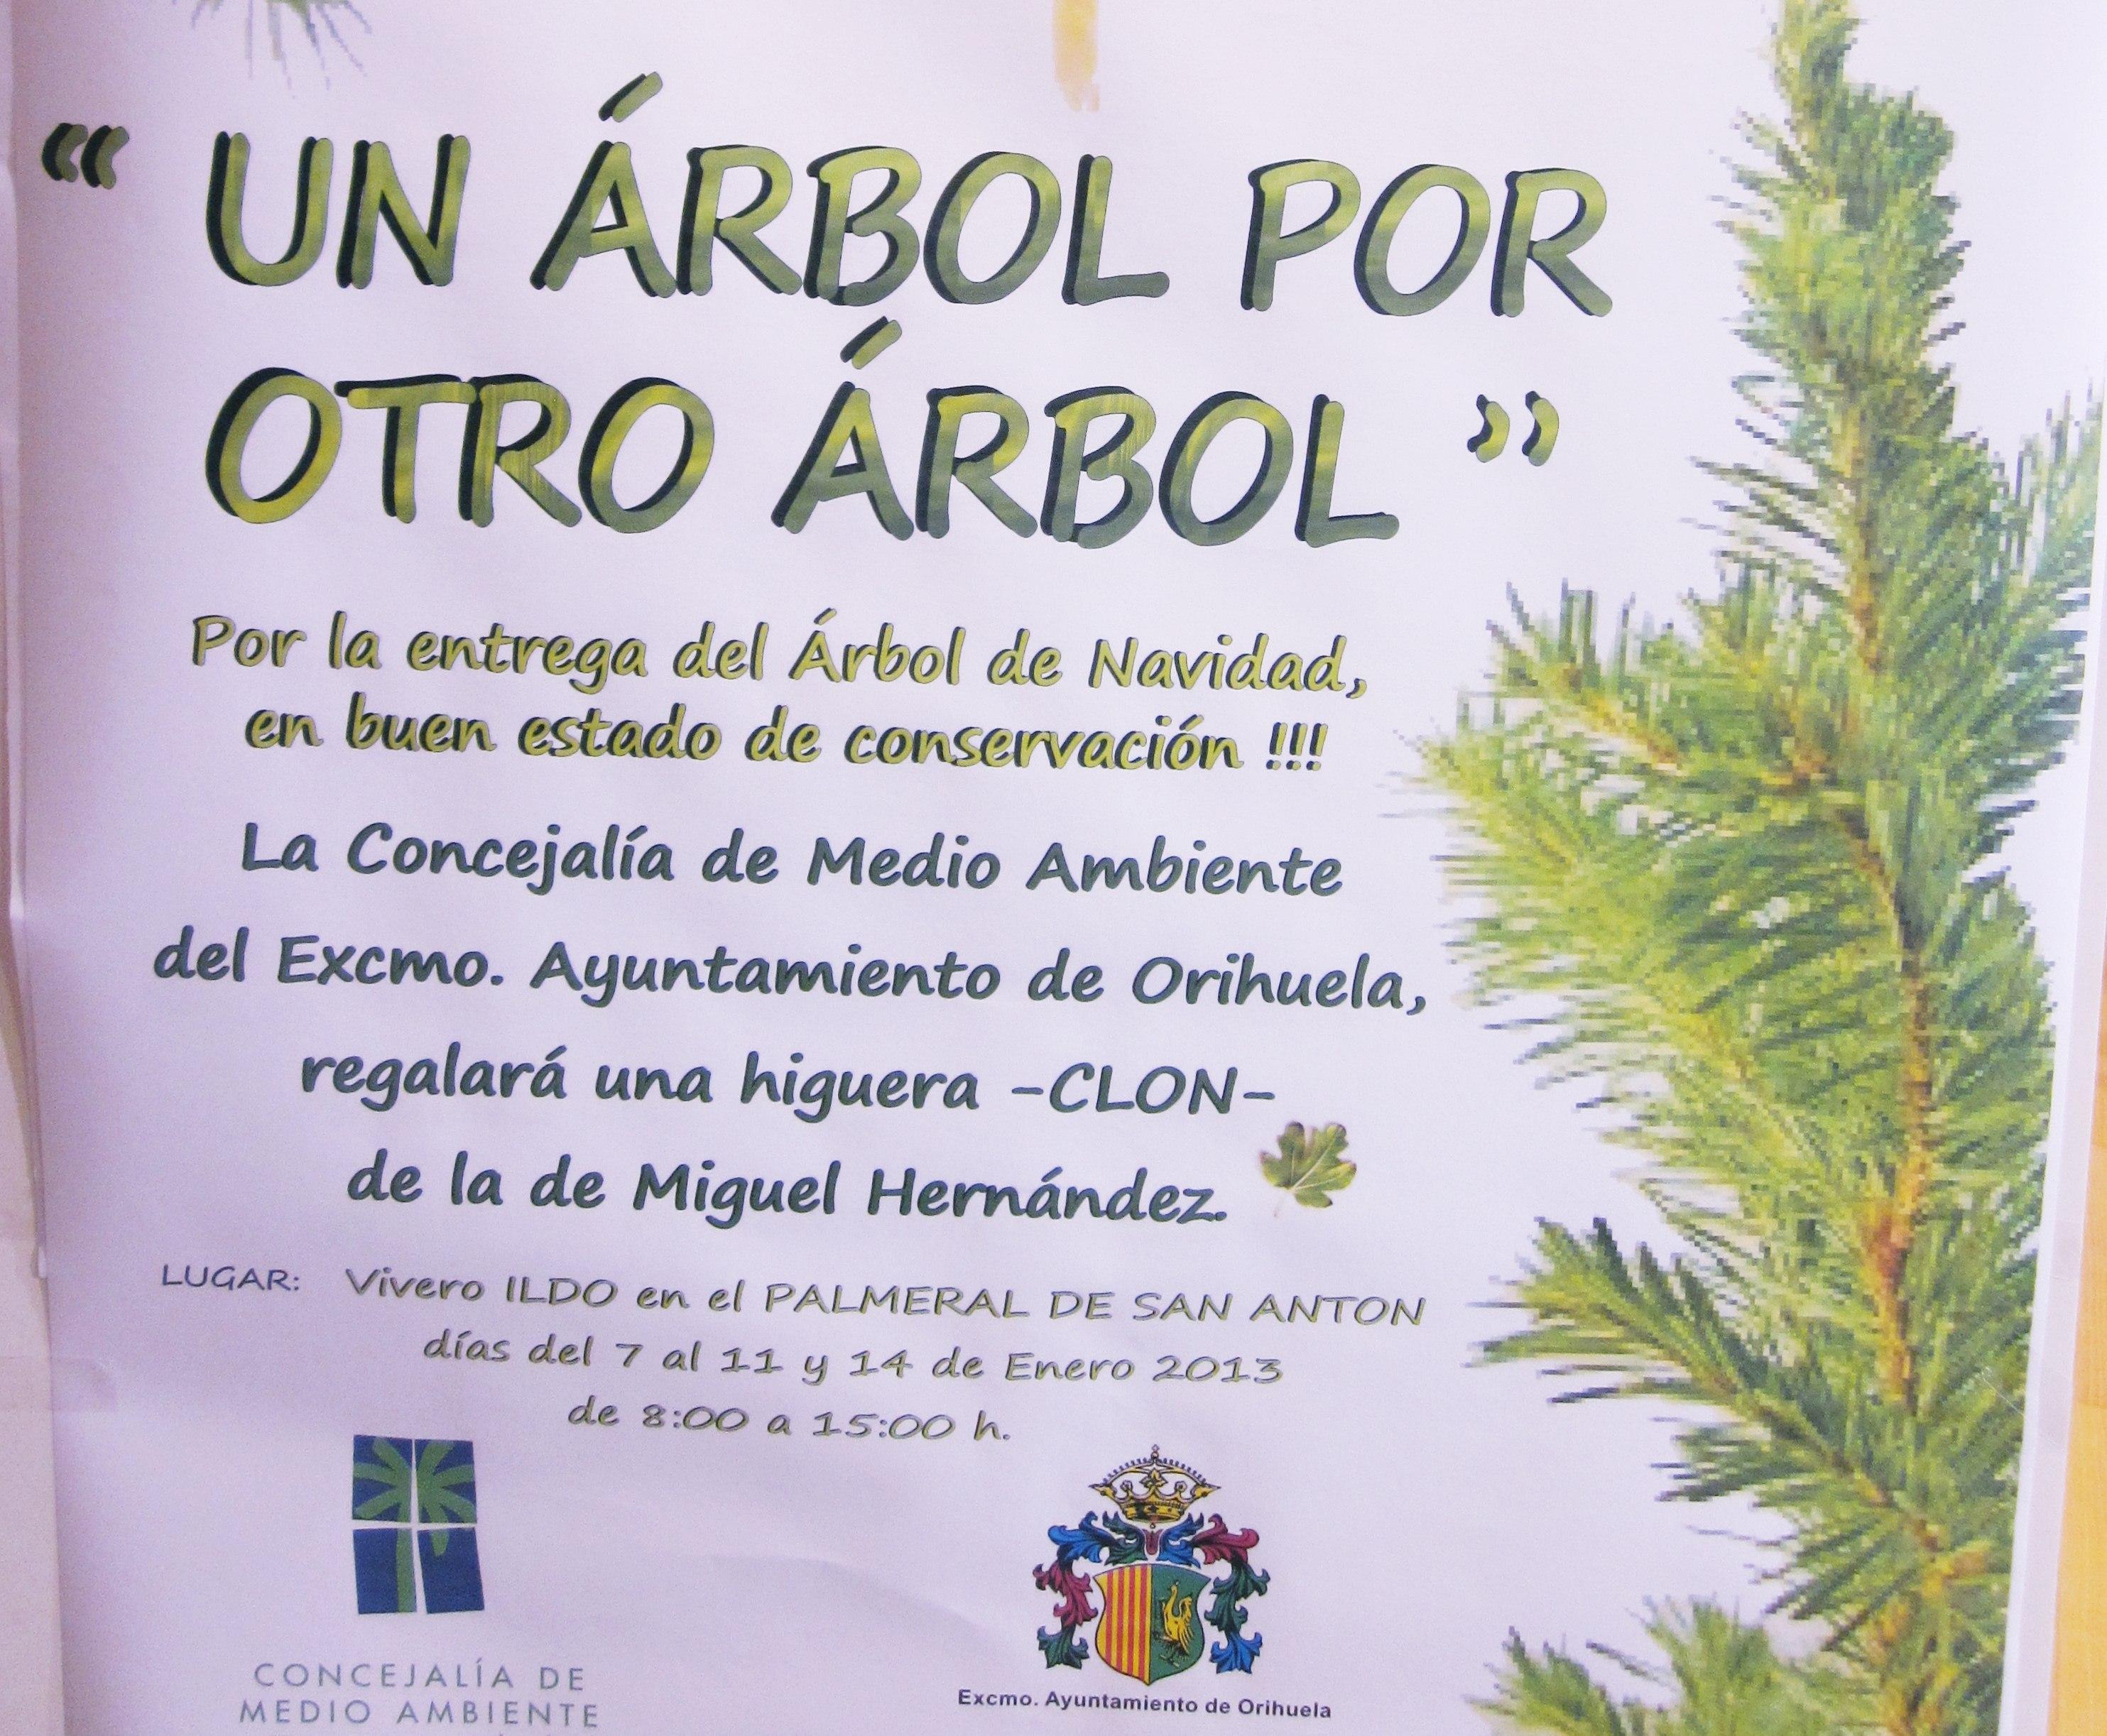 Medioambiente ofrece una higuera idéntica a la de Miguel Hernández a cambio de los abetos navideños en buen estado